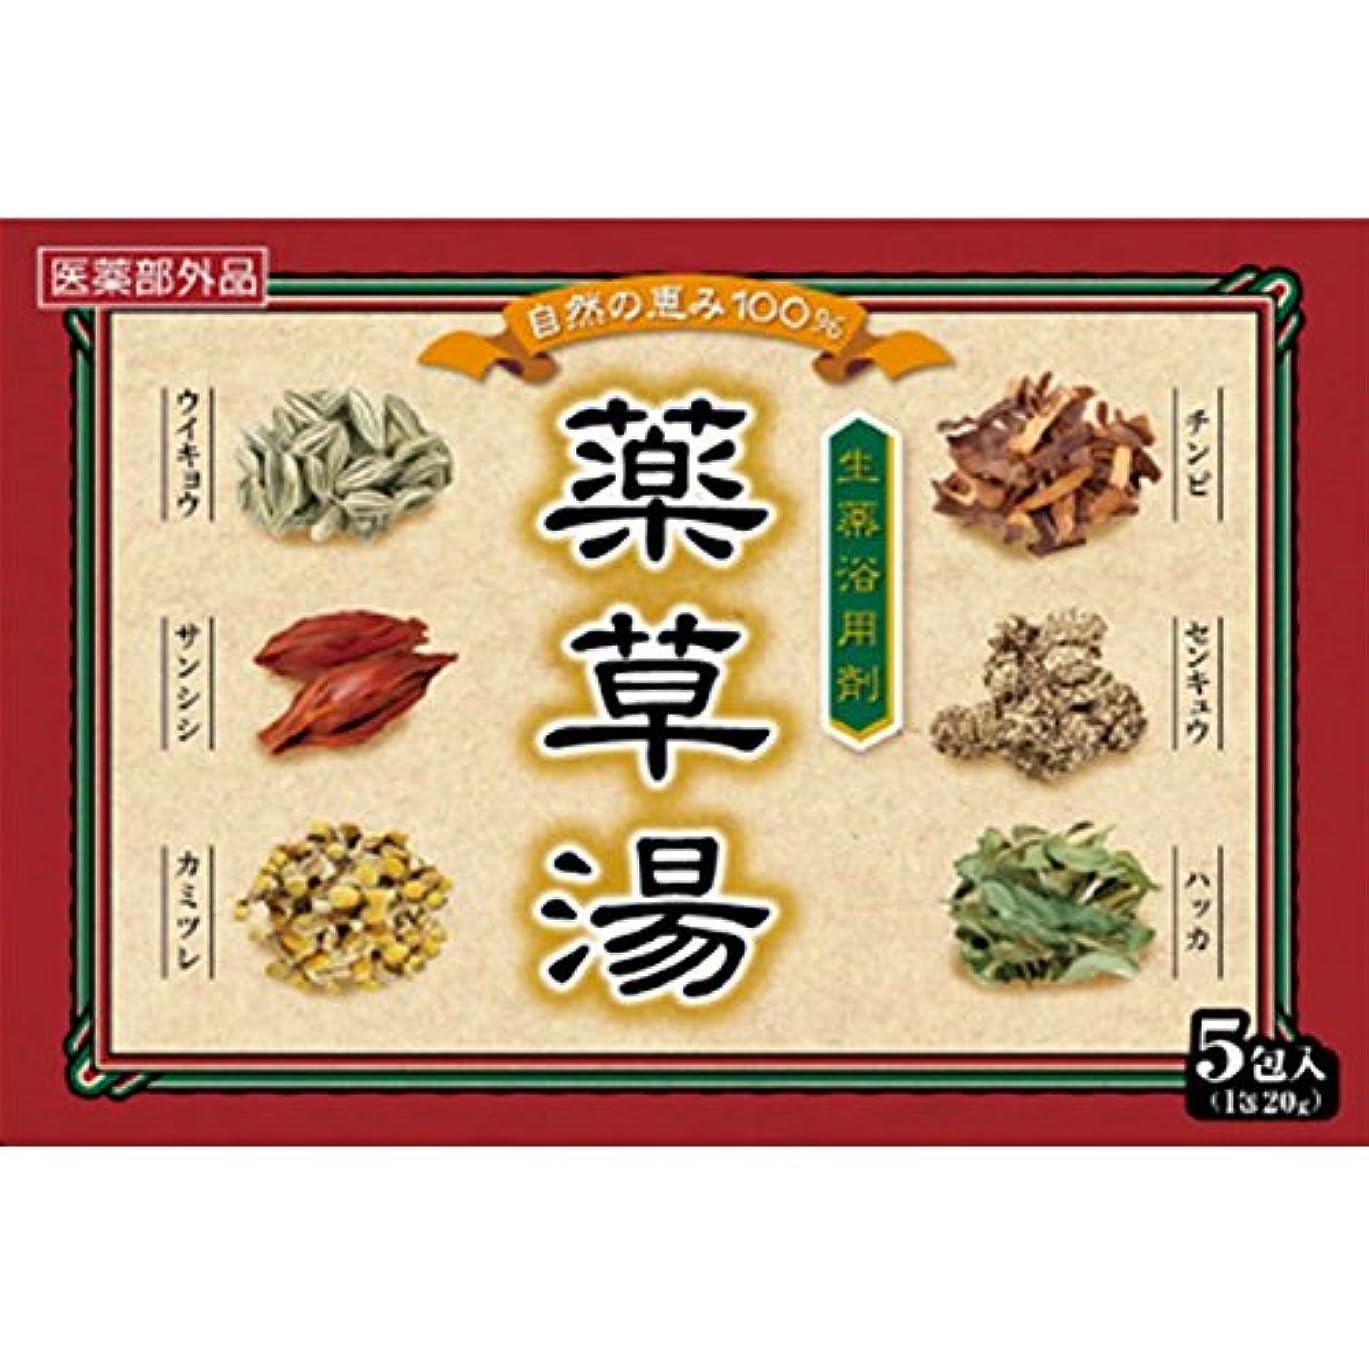 白菜不倫ポルティコ生薬浴用剤 薬草湯5包×3